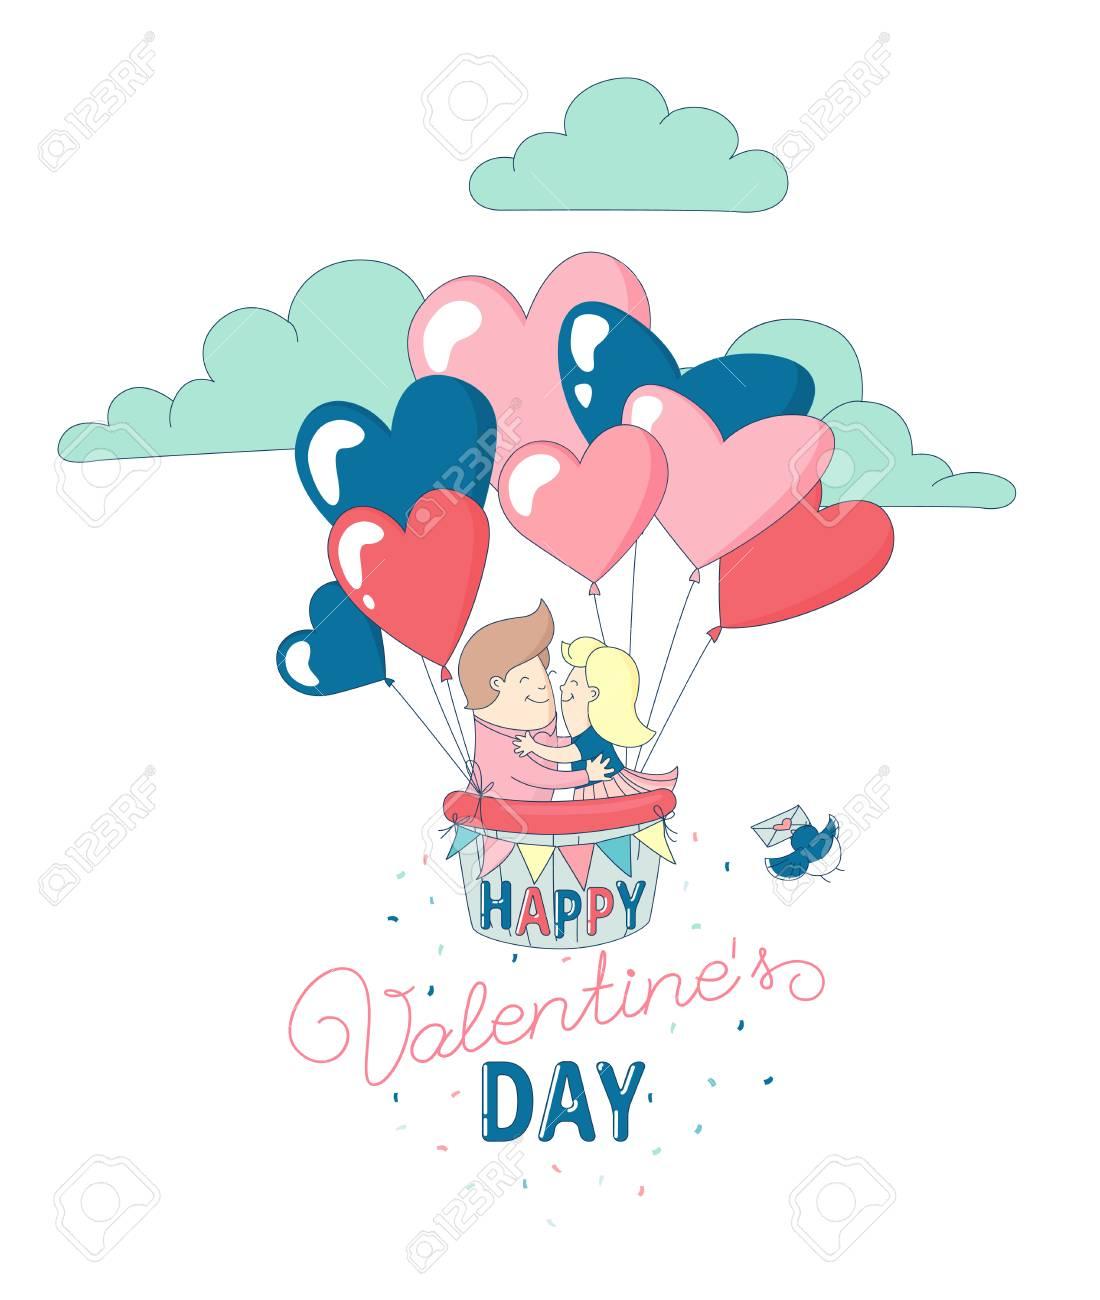 Carte Bonne Fete Fille.Bonne Fete De La Saint Valentin Invitation De Carte De Voeux Drole Garcon Et Fille Personnages Couple Amoureux Vol Avec Ballons Coeur Air Chaud Ligne